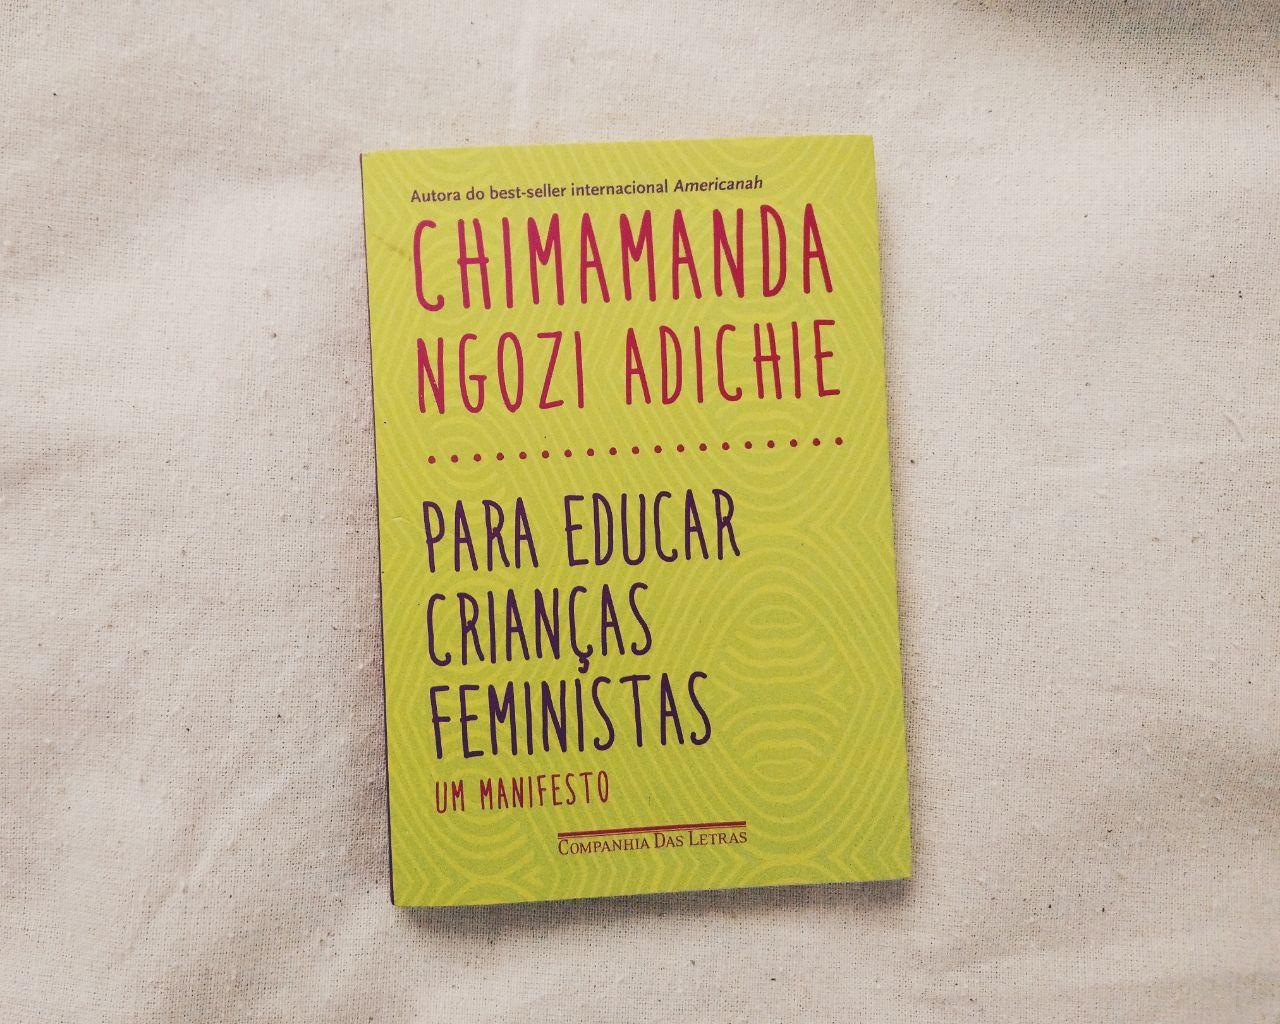 um manifesto para educar crianças feministas